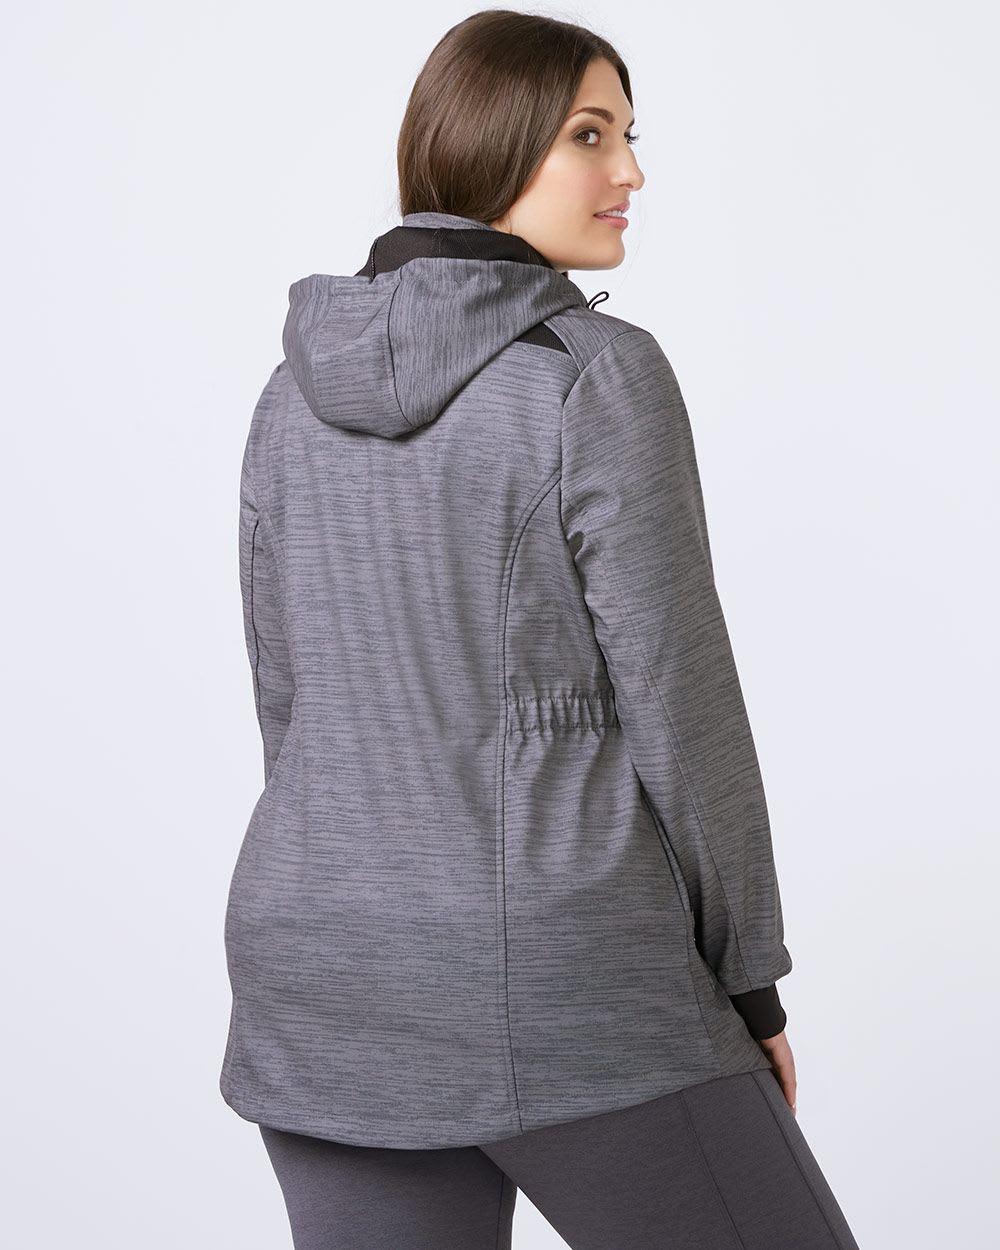 ActiveZone - Plus Size Soft Shell Jacket